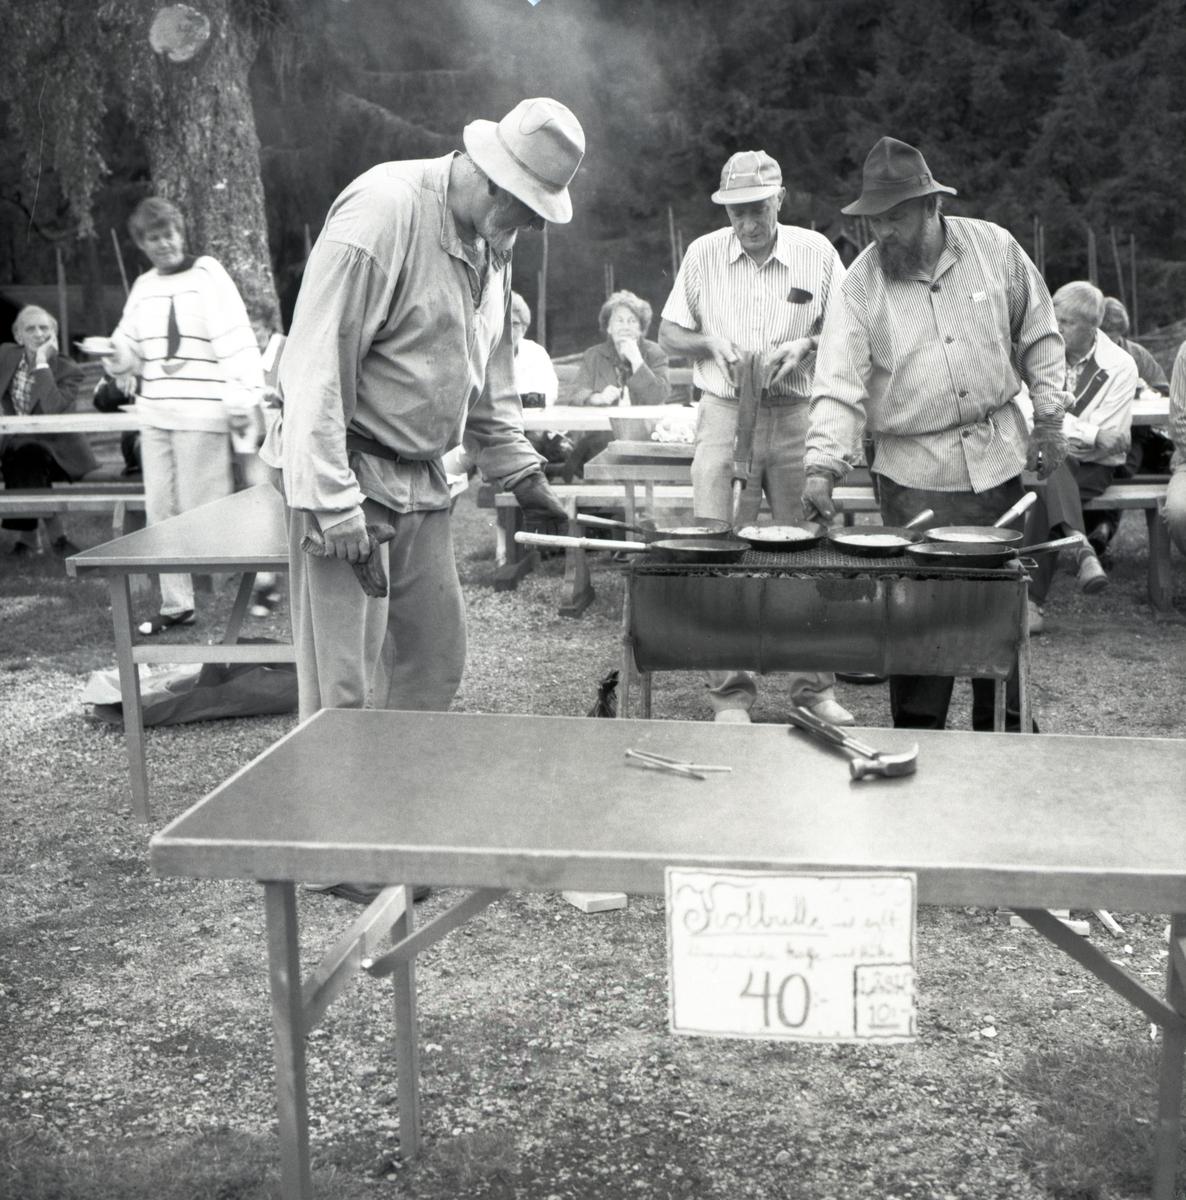 Två män gräddar kolbullar på en utegrill. En tredje underhåller glöden med blåsbälg. 1992.